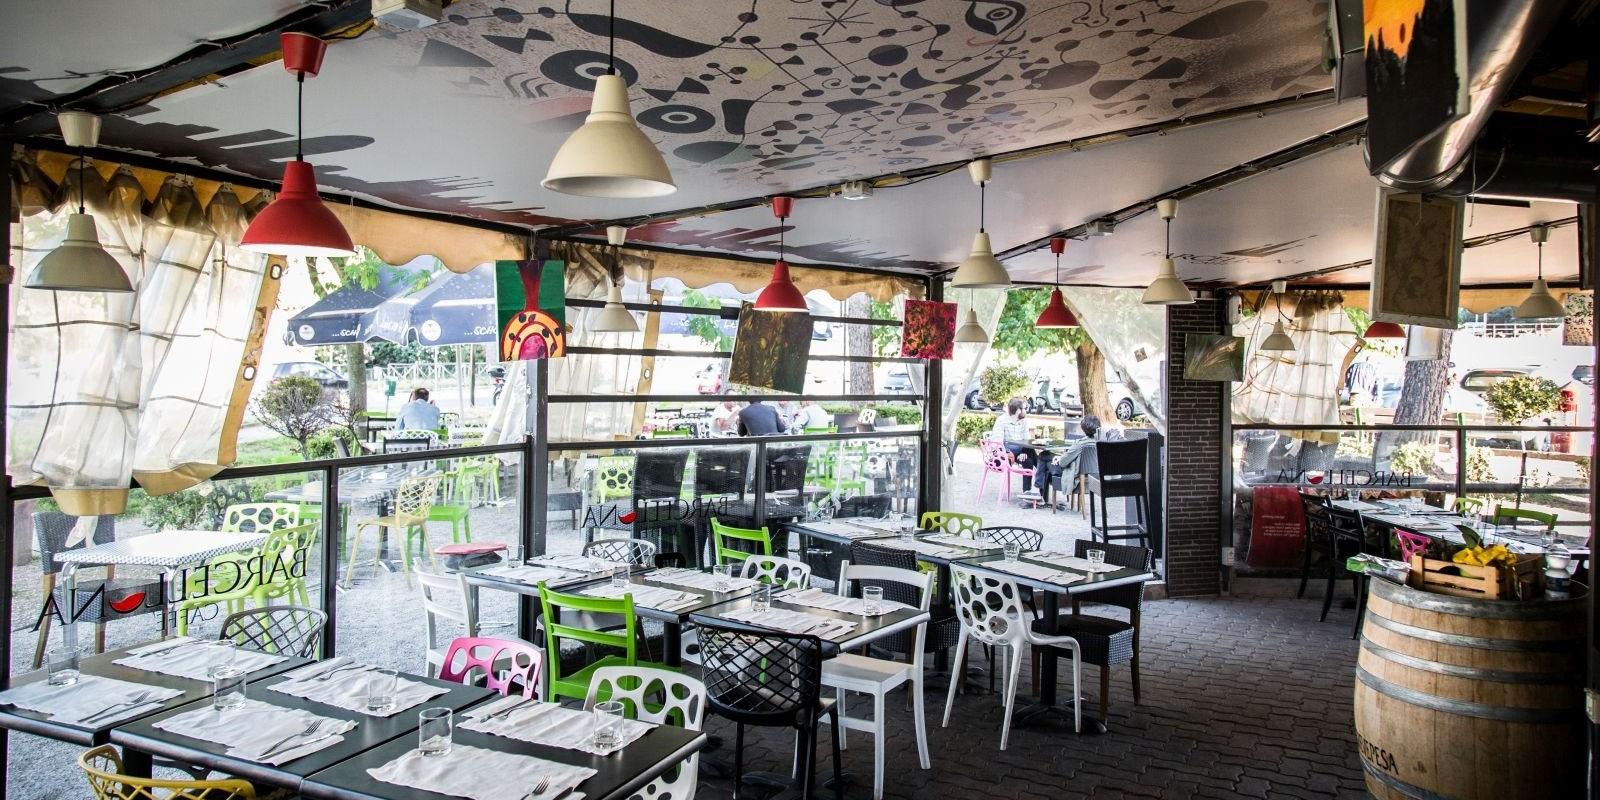 15 ristoranti dove mangiare all aperto a roma - Cucine all aperto ...